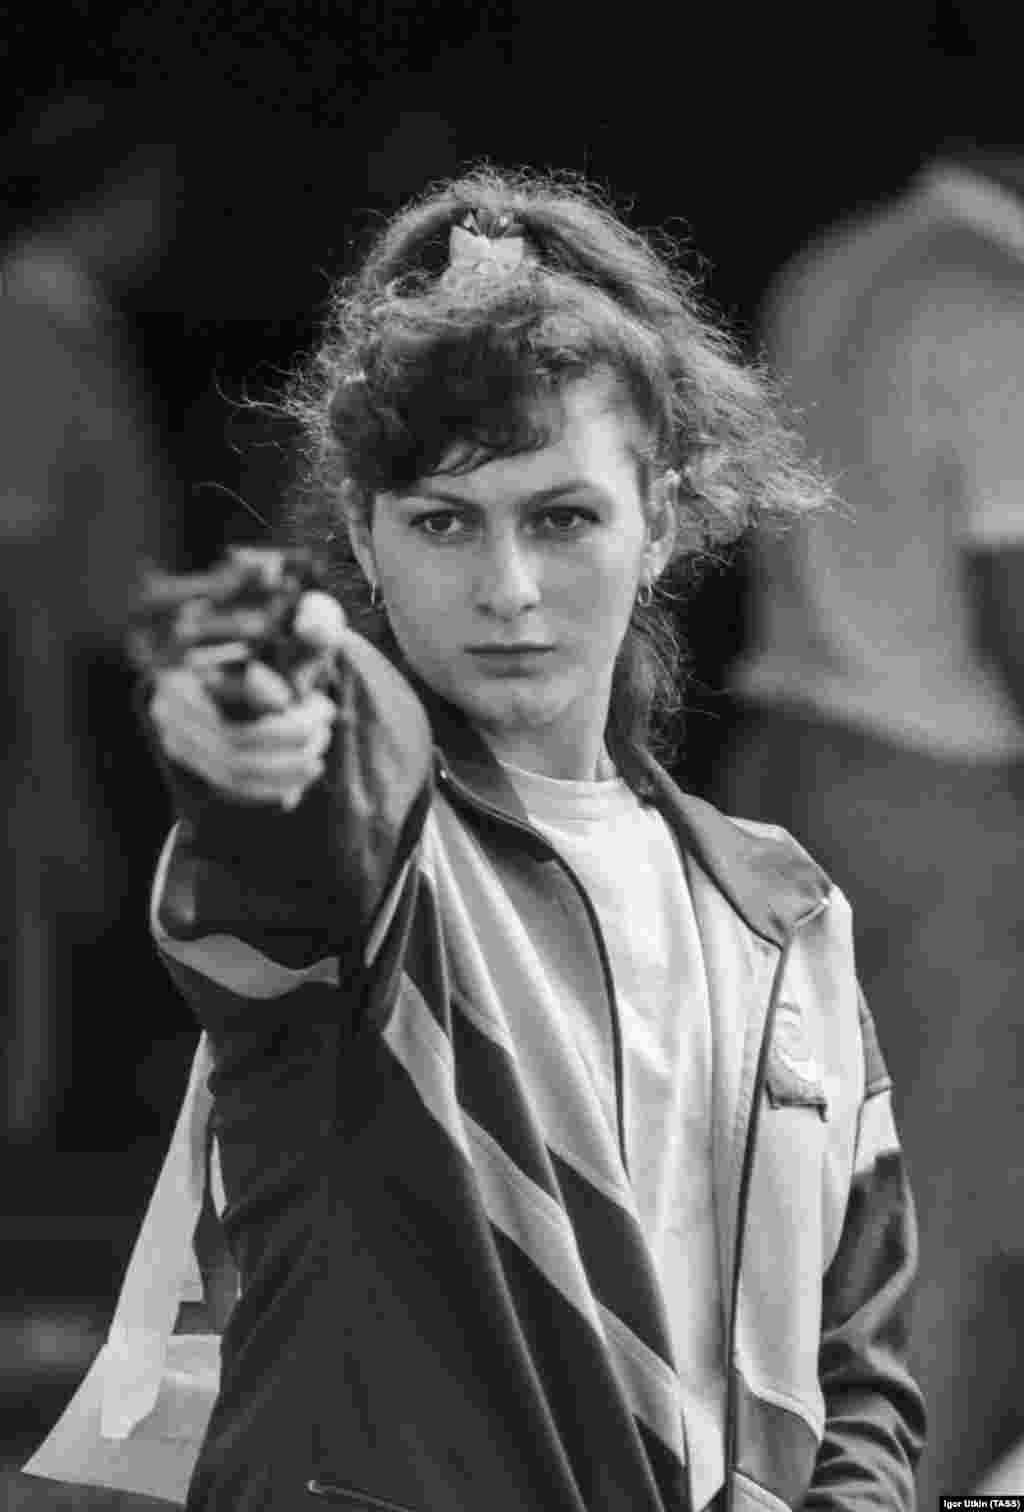 Нино дебютировала на чемпионатах мира в 1986 году в возрасте 17 лет и за пять лет смогла завоевать шесть золотых, серебряную и бронзовую медали (две награды были личными, остальные – в составе команды СССР).